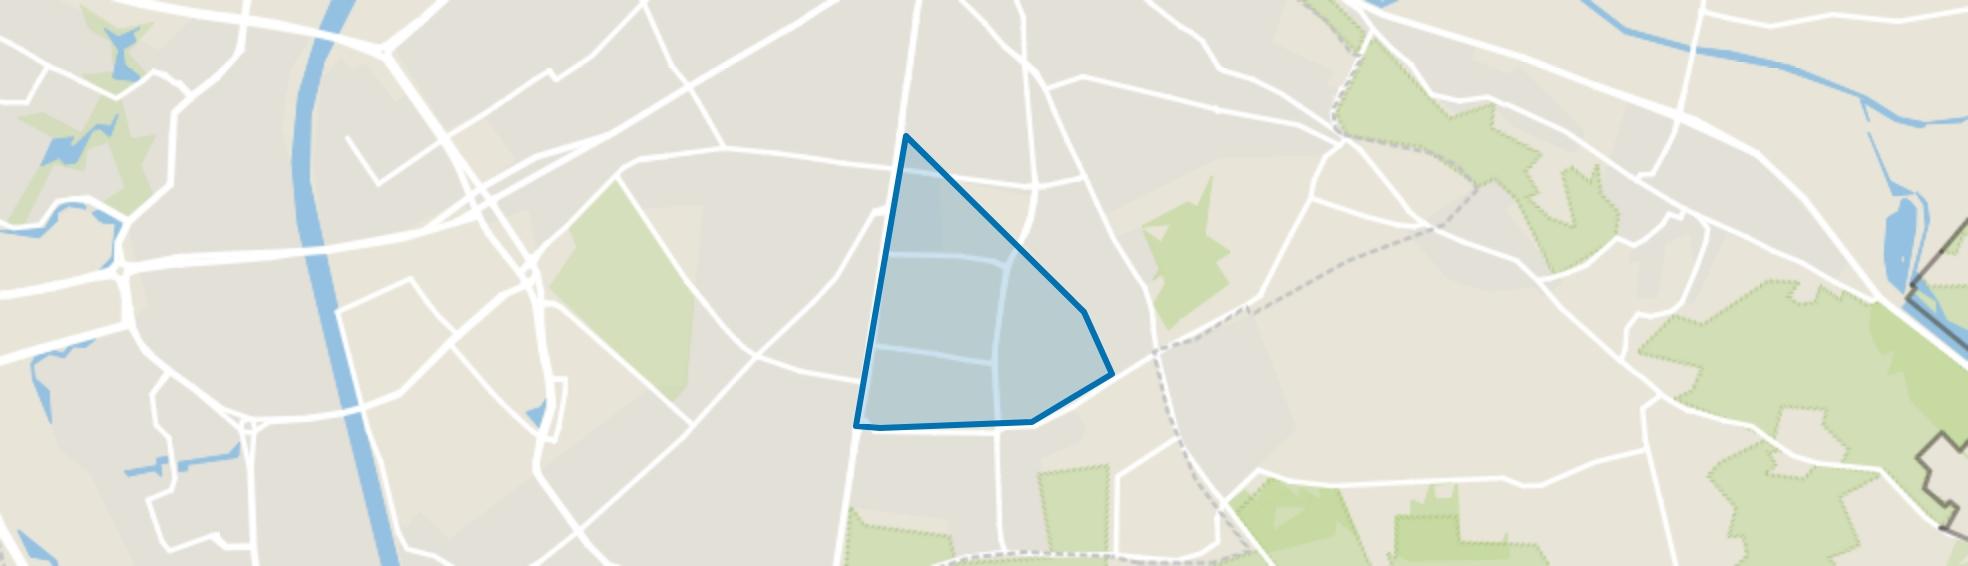 Heijendaal, Nijmegen map